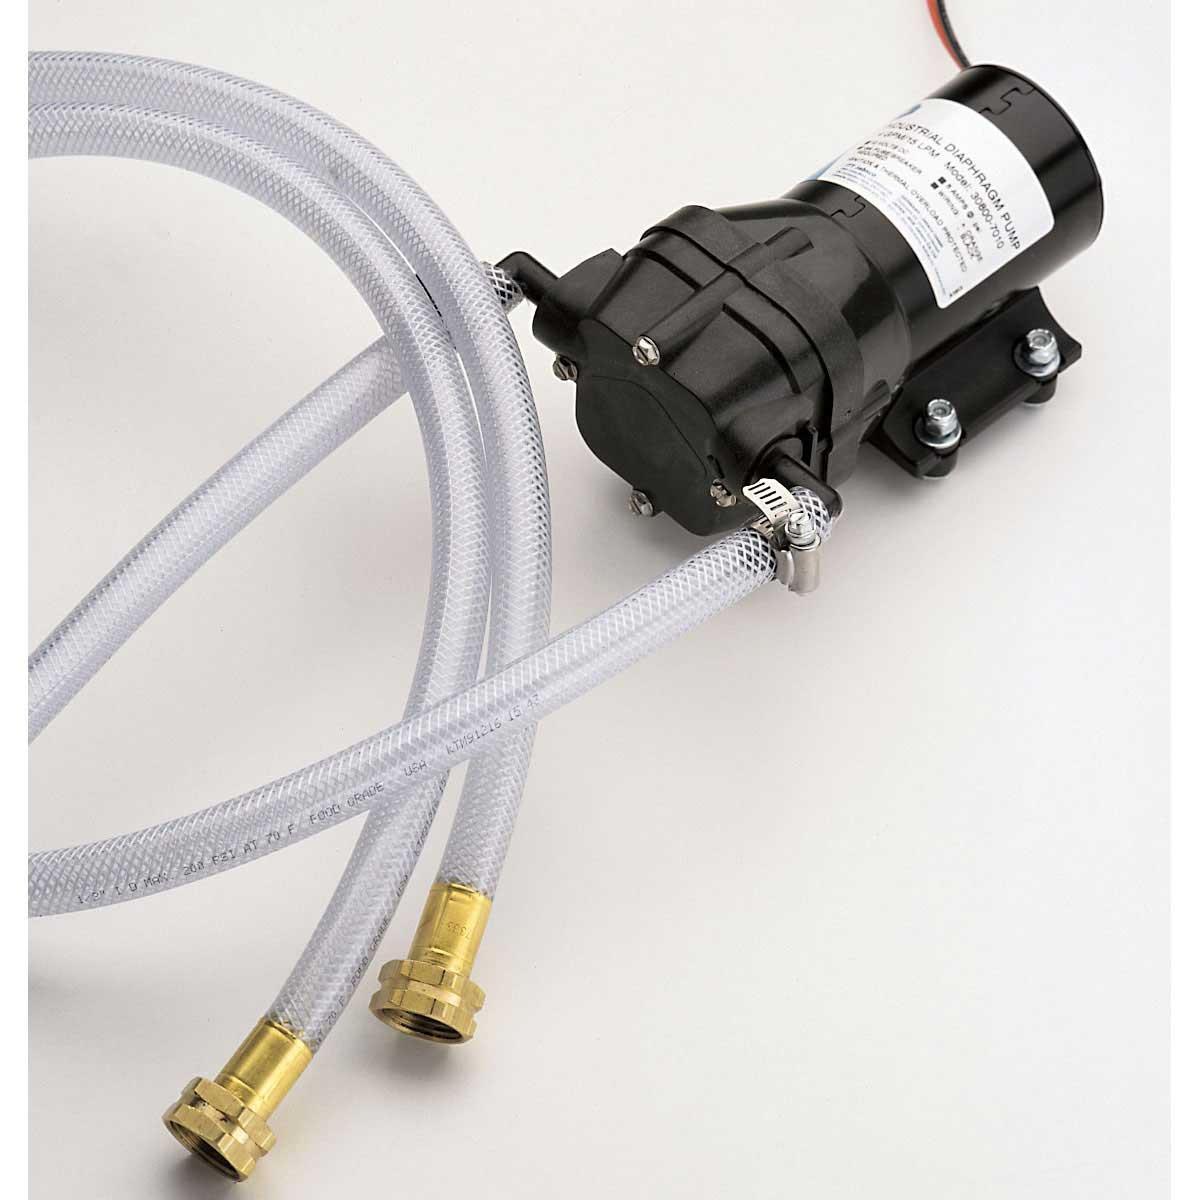 Core Cut CC3500 Floor saw pump